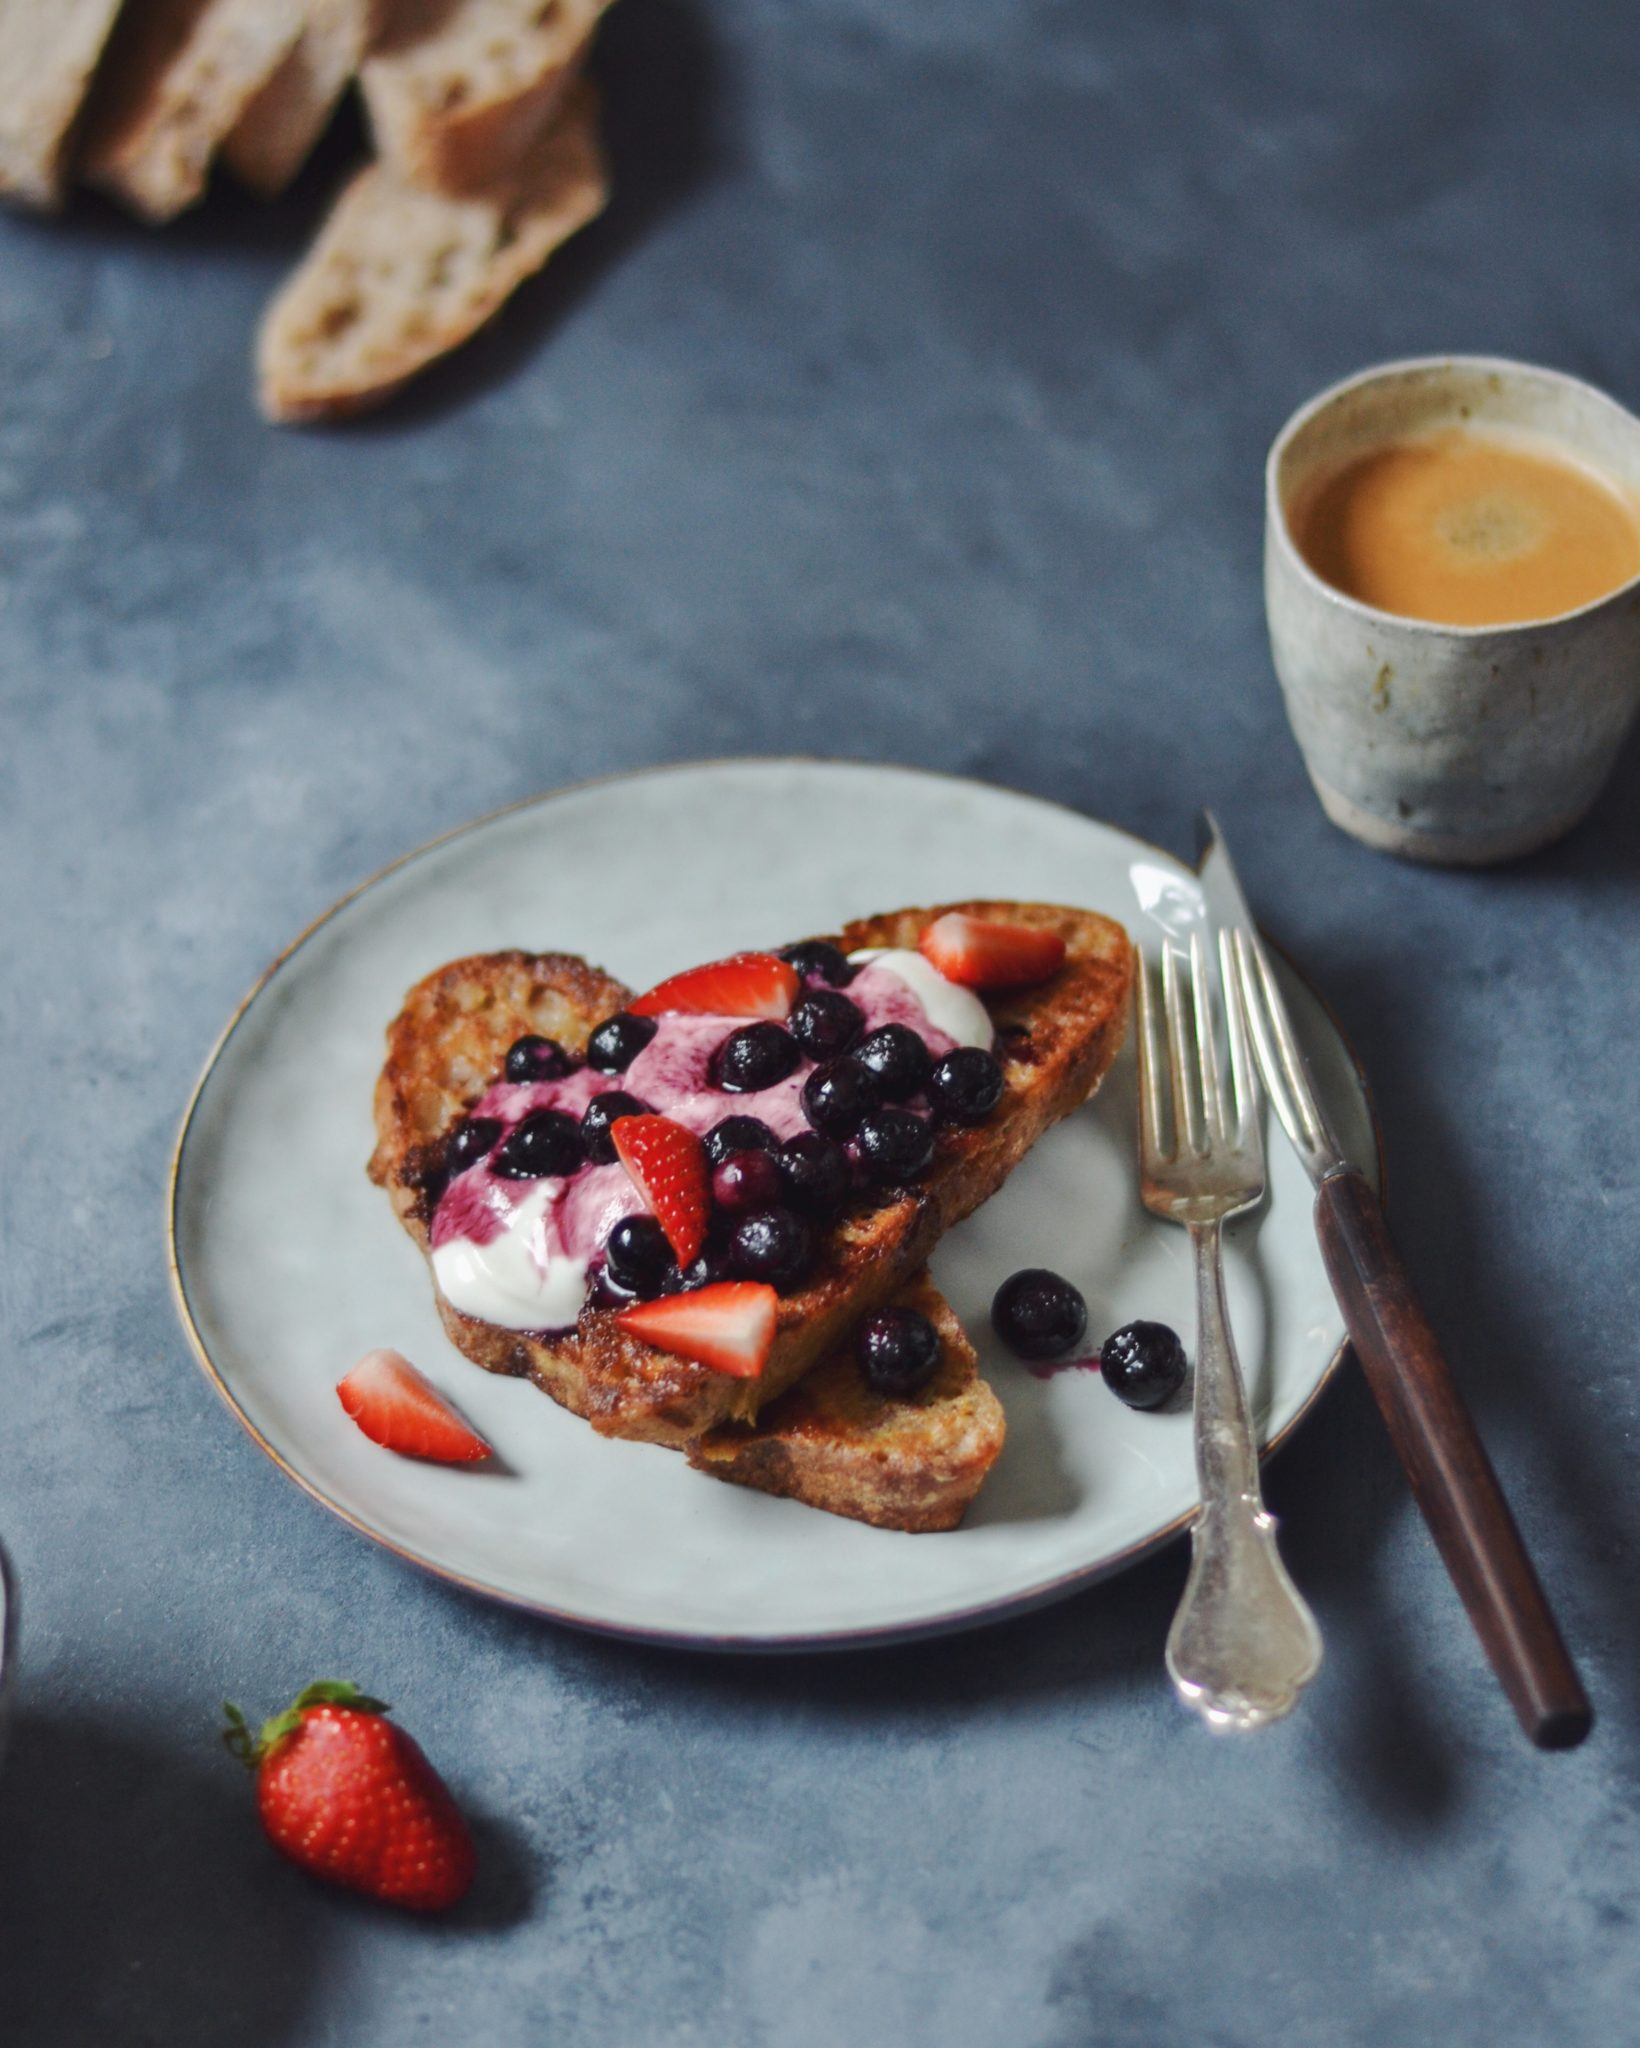 French toast arme riddere med blåbær og skyr